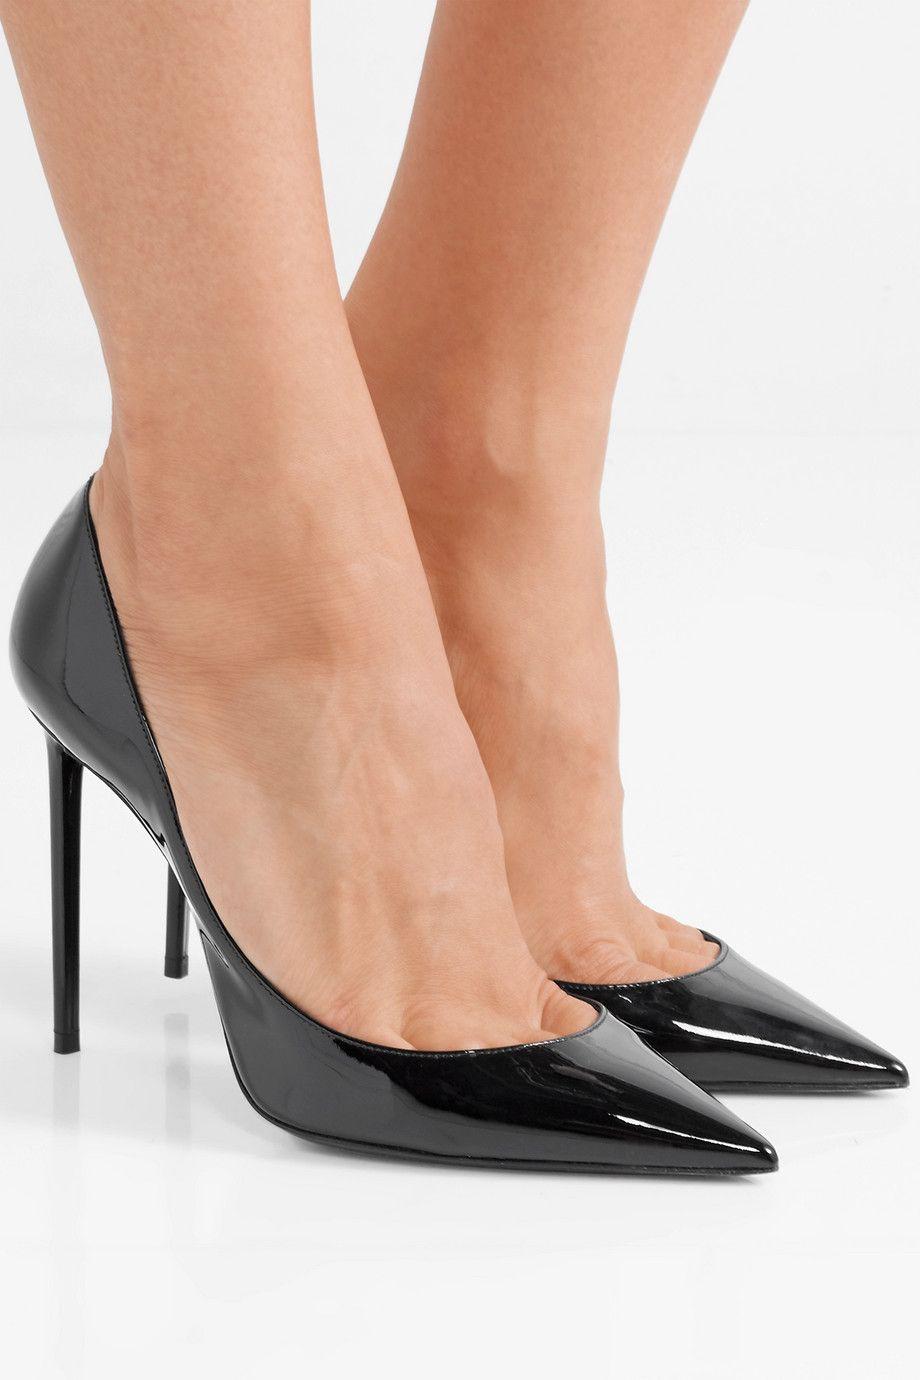 SAINT LAURENT Zoe patent leather pumps in 2020 | Patent